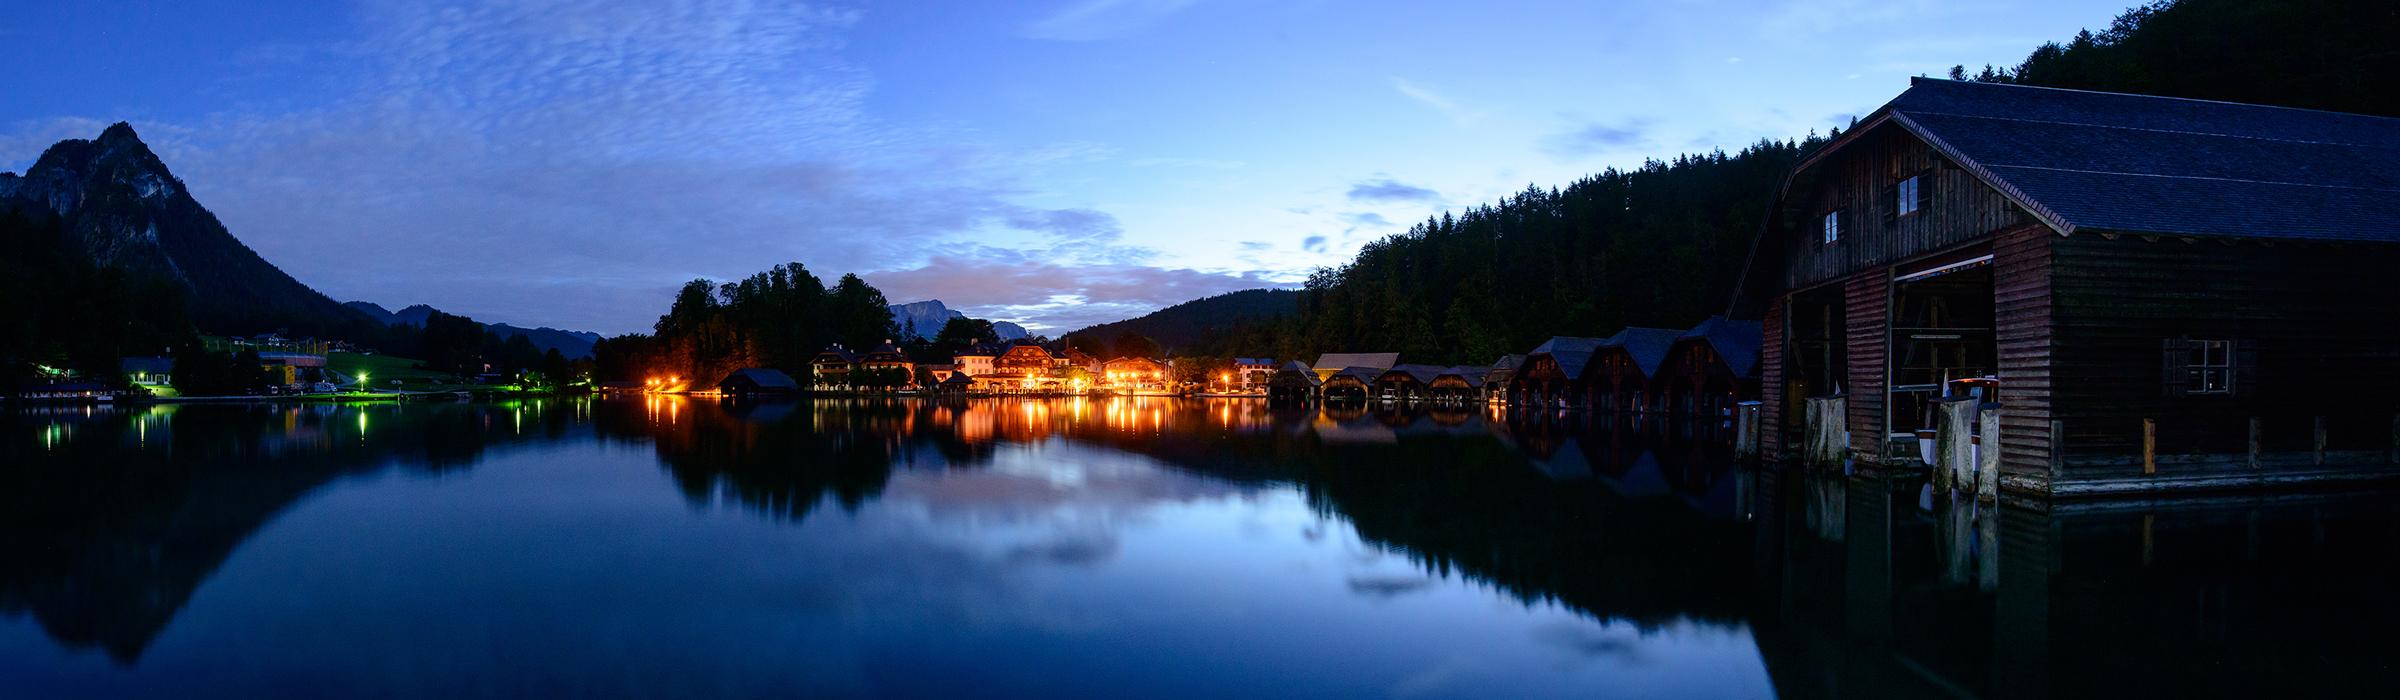 Königssee am Abend